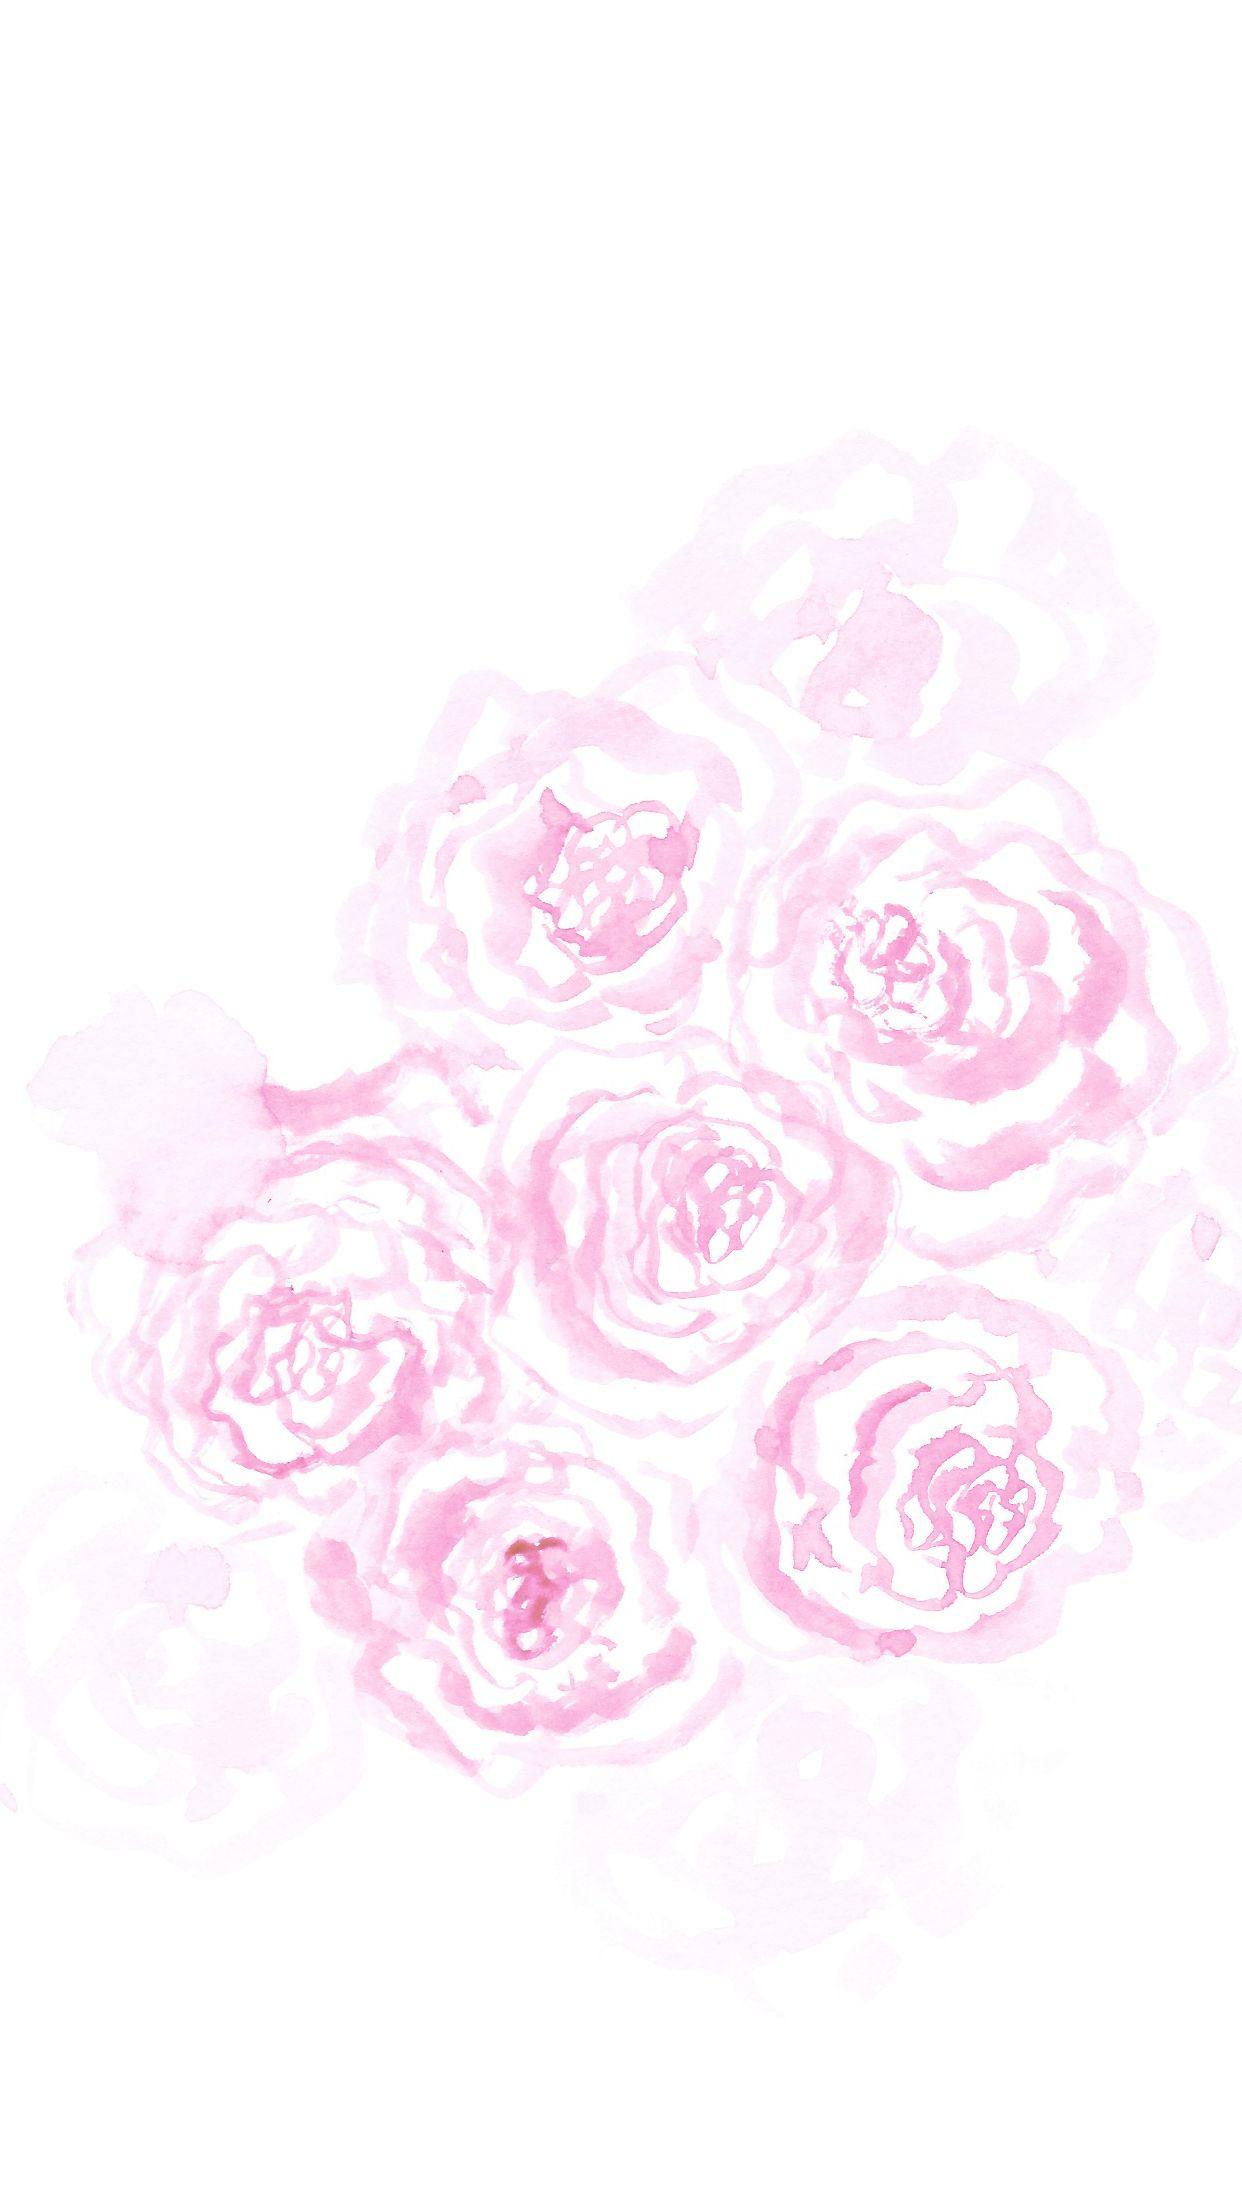 Minimal White Pink Watercolour Roses Floral Iphone Wallpaper Background Phone Lockscreen Kertas Dinding Dinding Kertas